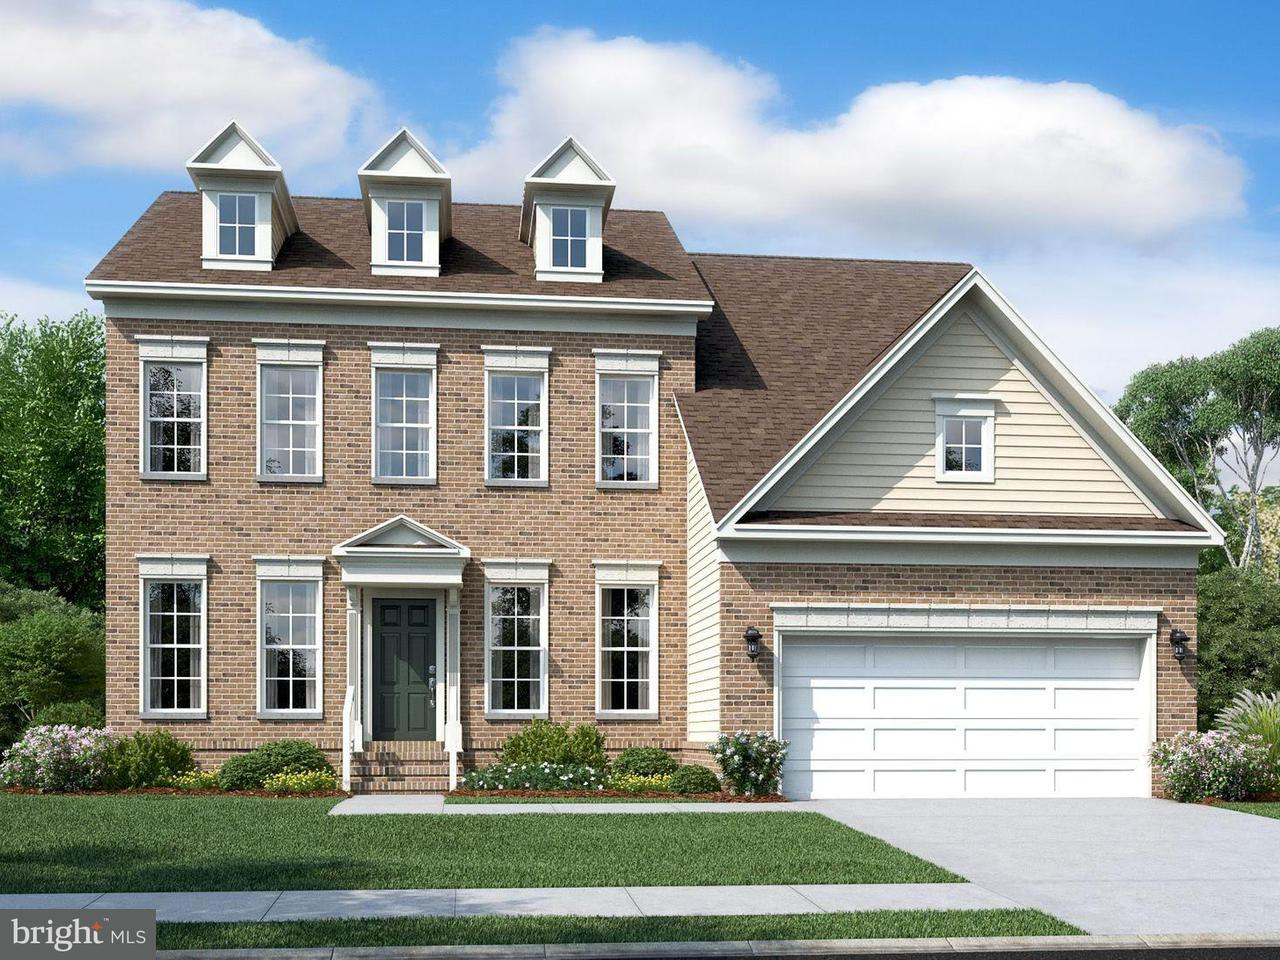 Maison unifamiliale pour l Vente à 9342 RAVENRIDGE Road 9342 RAVENRIDGE Road Parkville, Maryland 21234 États-Unis